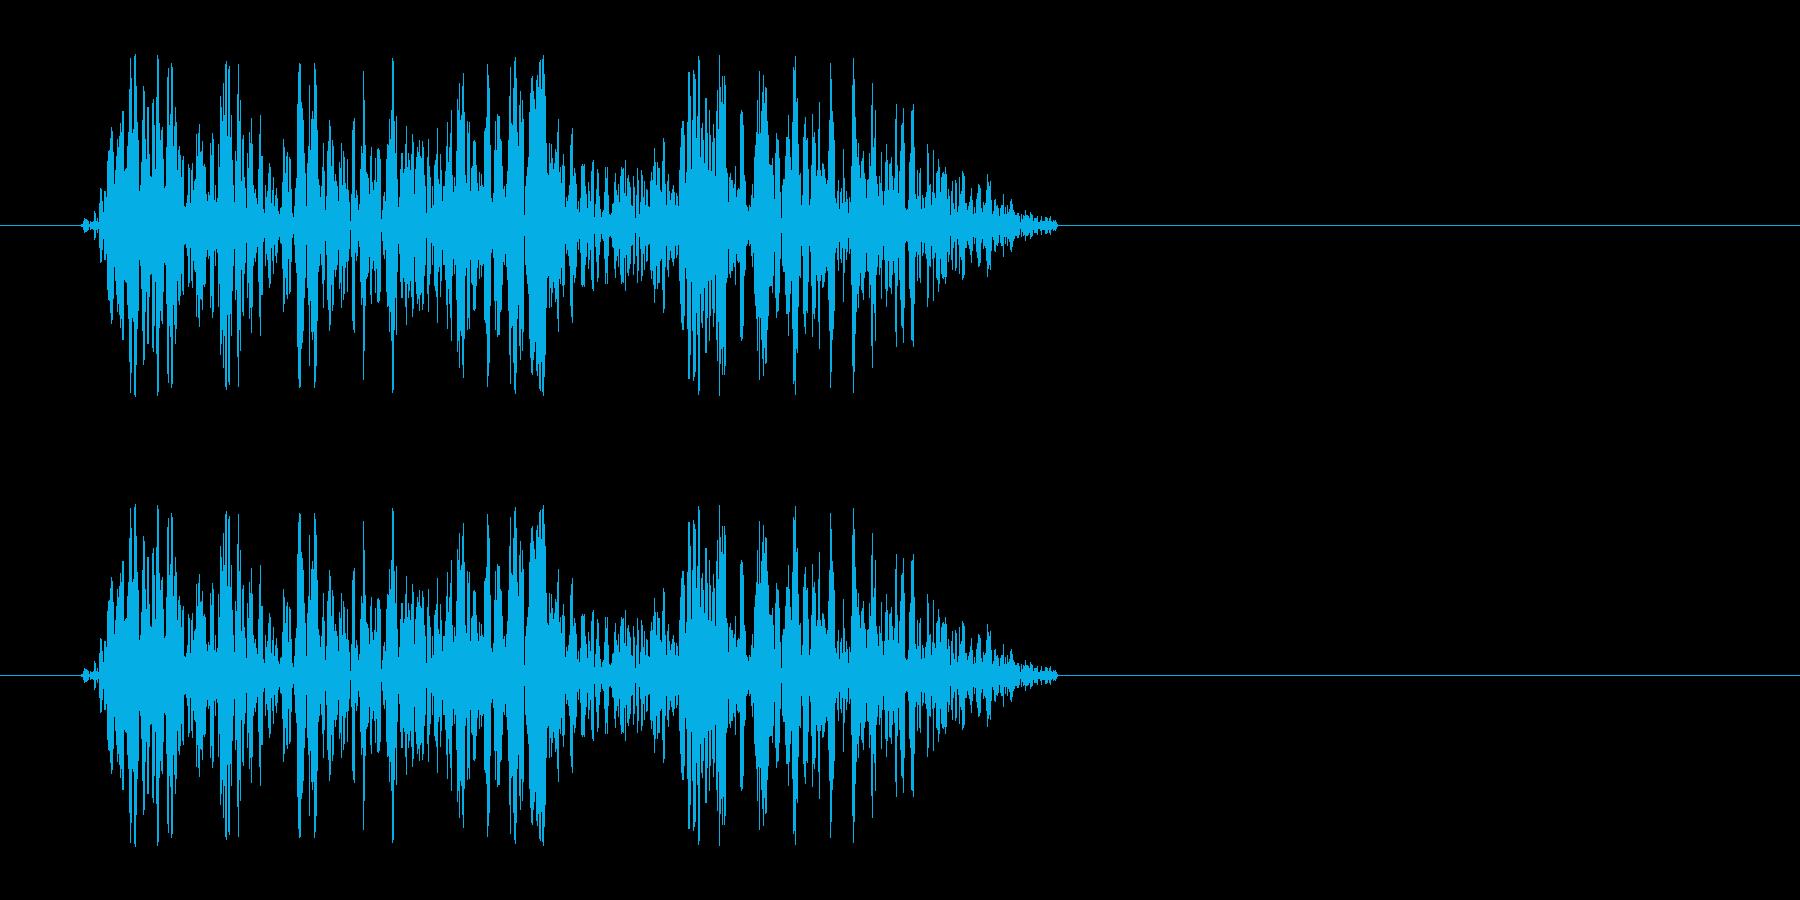 キキュッ(床を蹴ってジャンプする音)の再生済みの波形